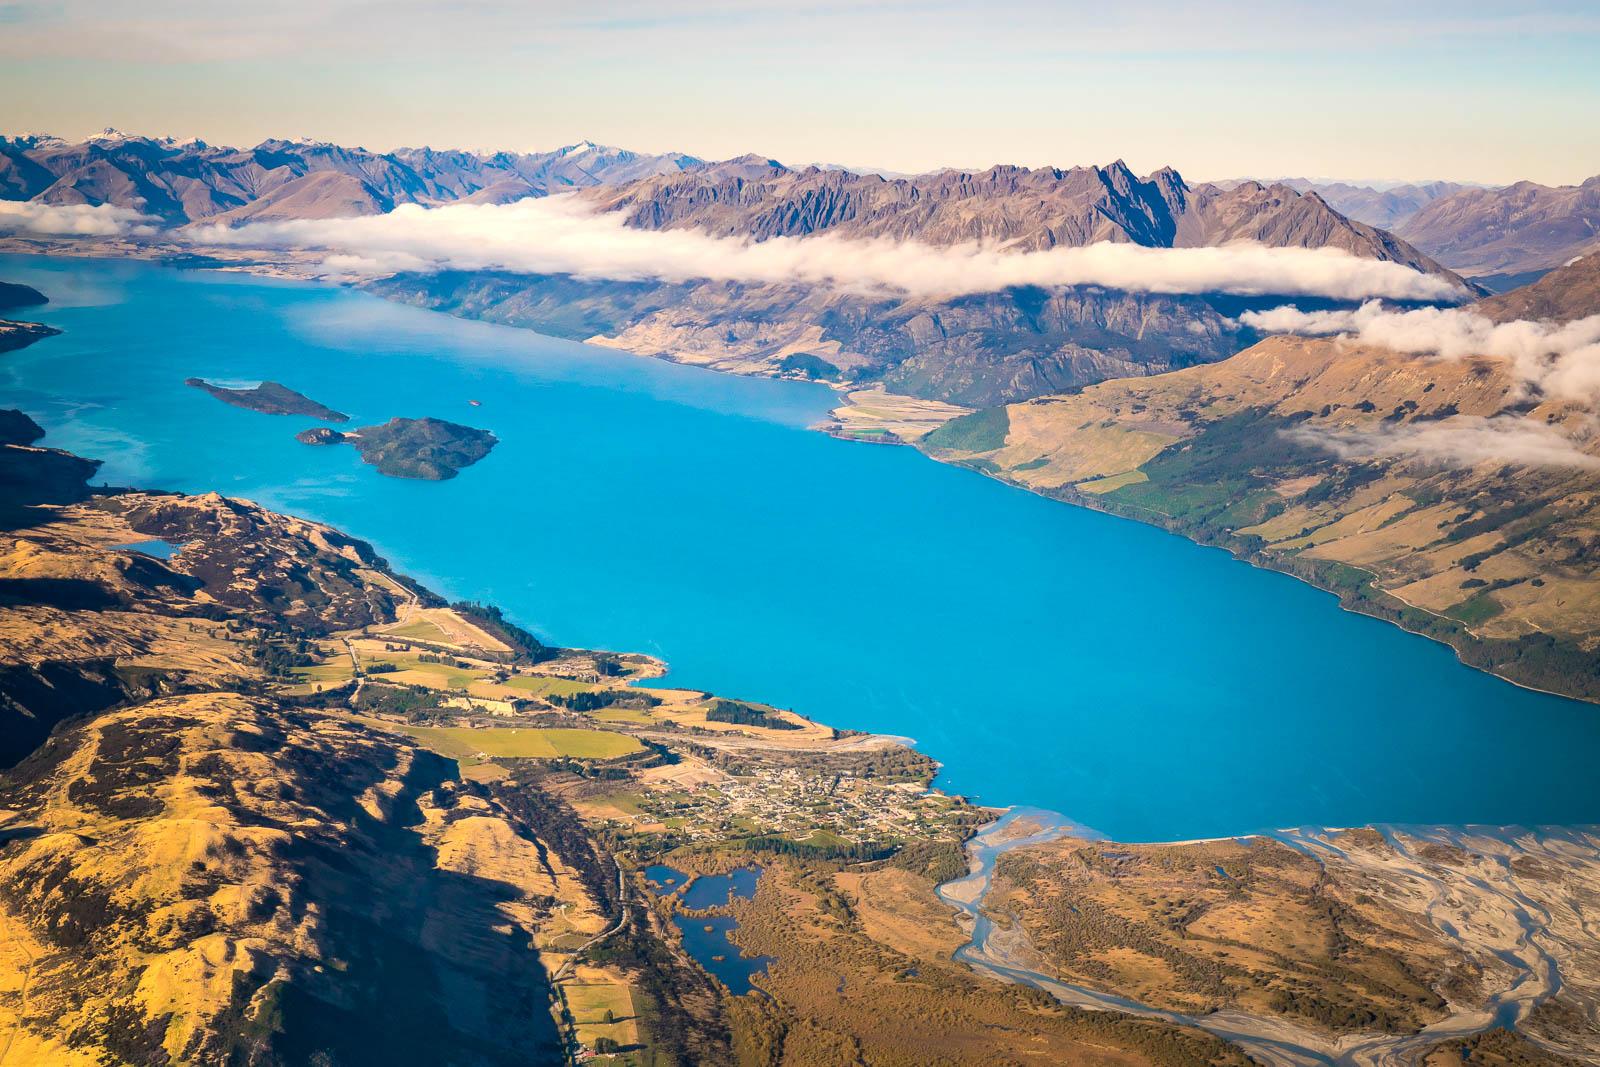 Glenorchy Aerial view over Lake Wakatipu